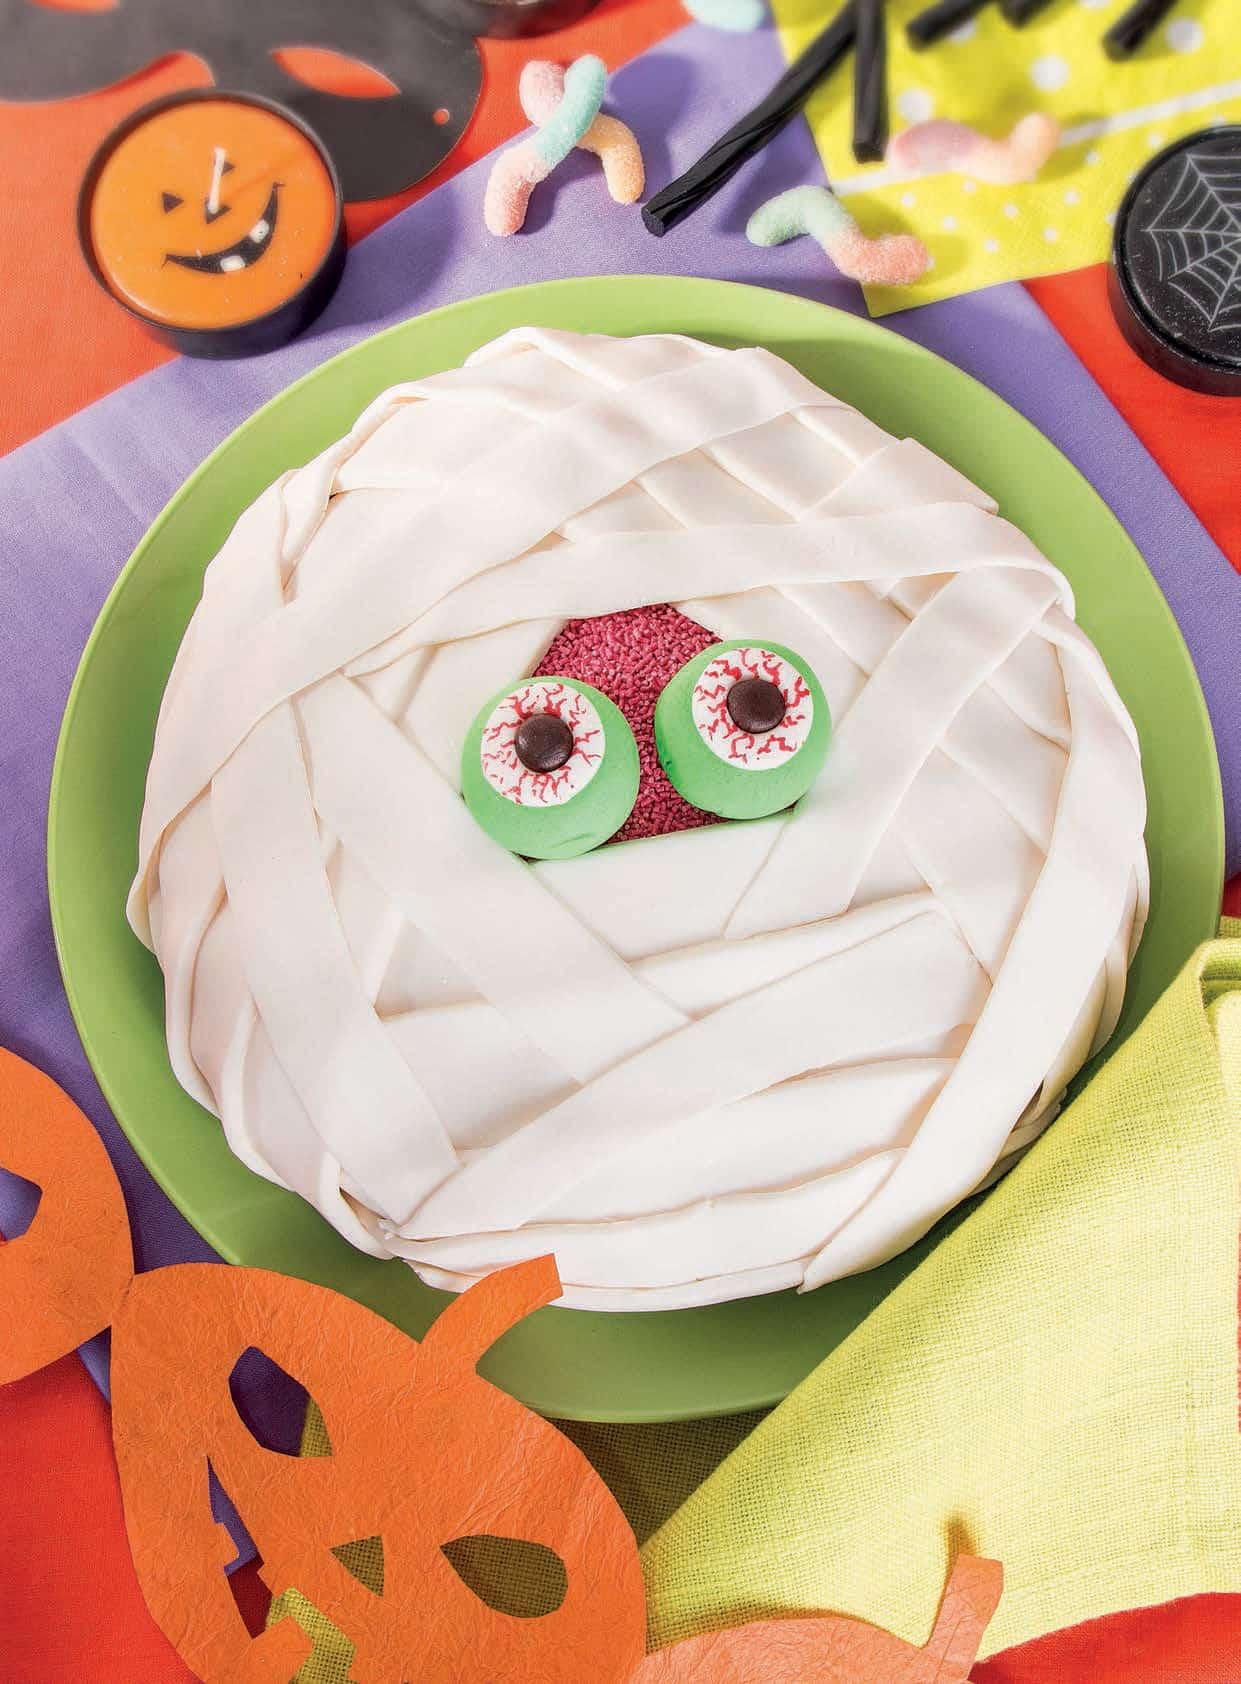 Speciale Halloween  torta della mummia 7545bb02ecc6